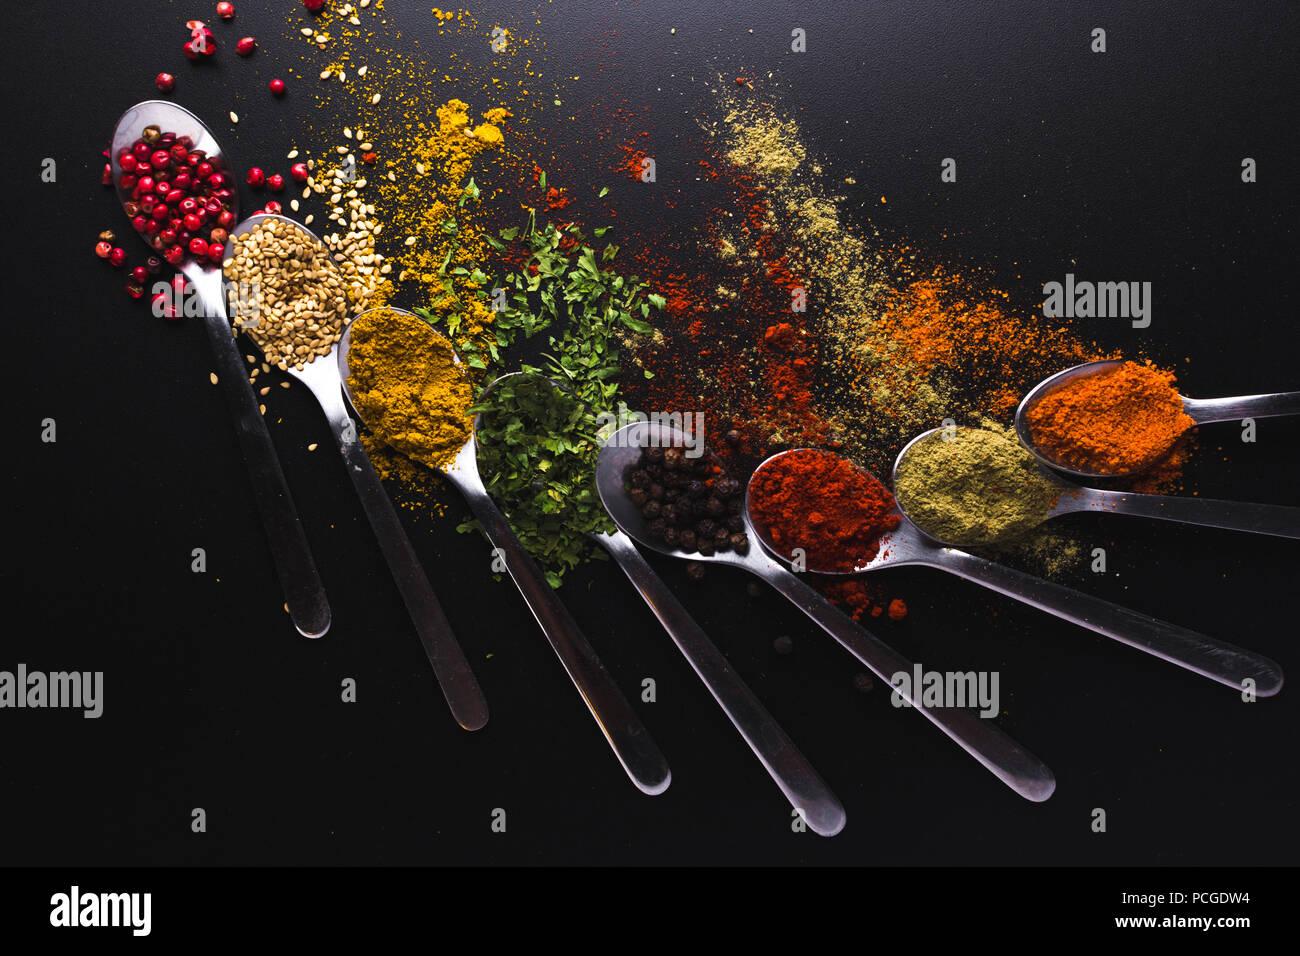 Zusammensetzung der kleine Löffel voller Gewürze und Würzen für das Kochen auf schwarzem Hintergrund Stockbild